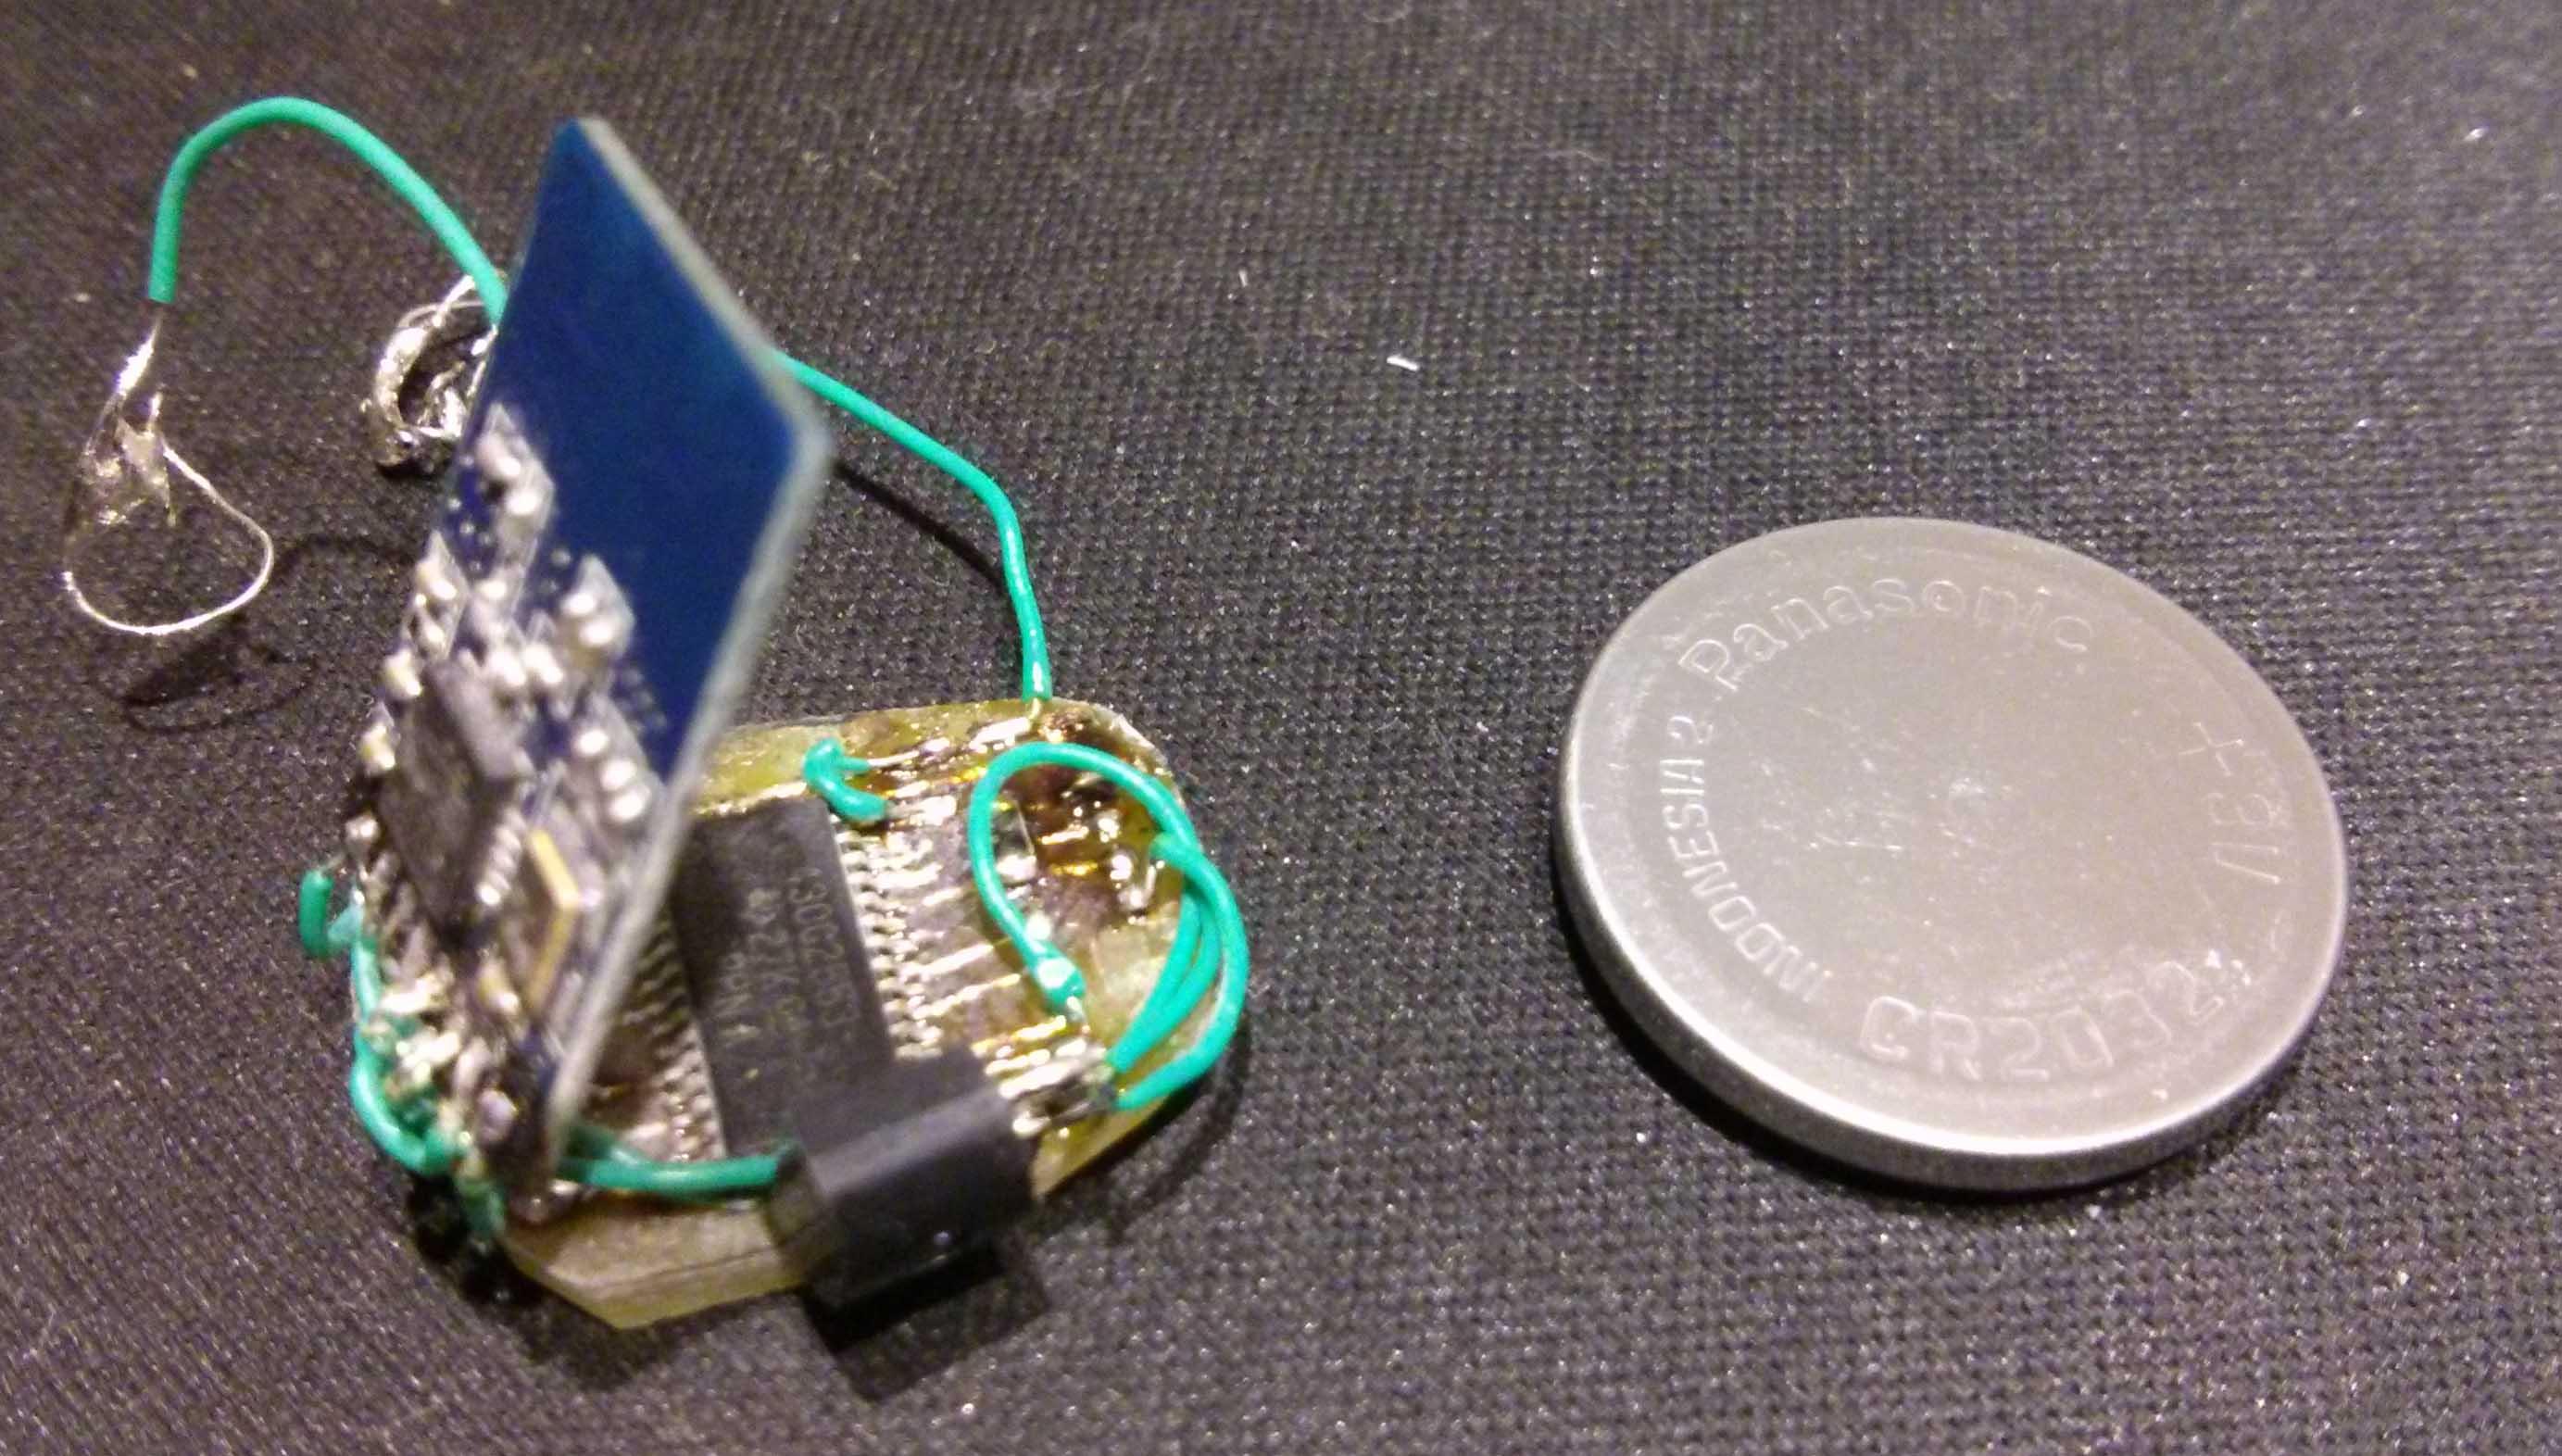 4s无线模块_T-Bug [DIY无线温度测试点demo]- Energia+Enrf24+CR2032+飞线 - Energia(MSP430 ...